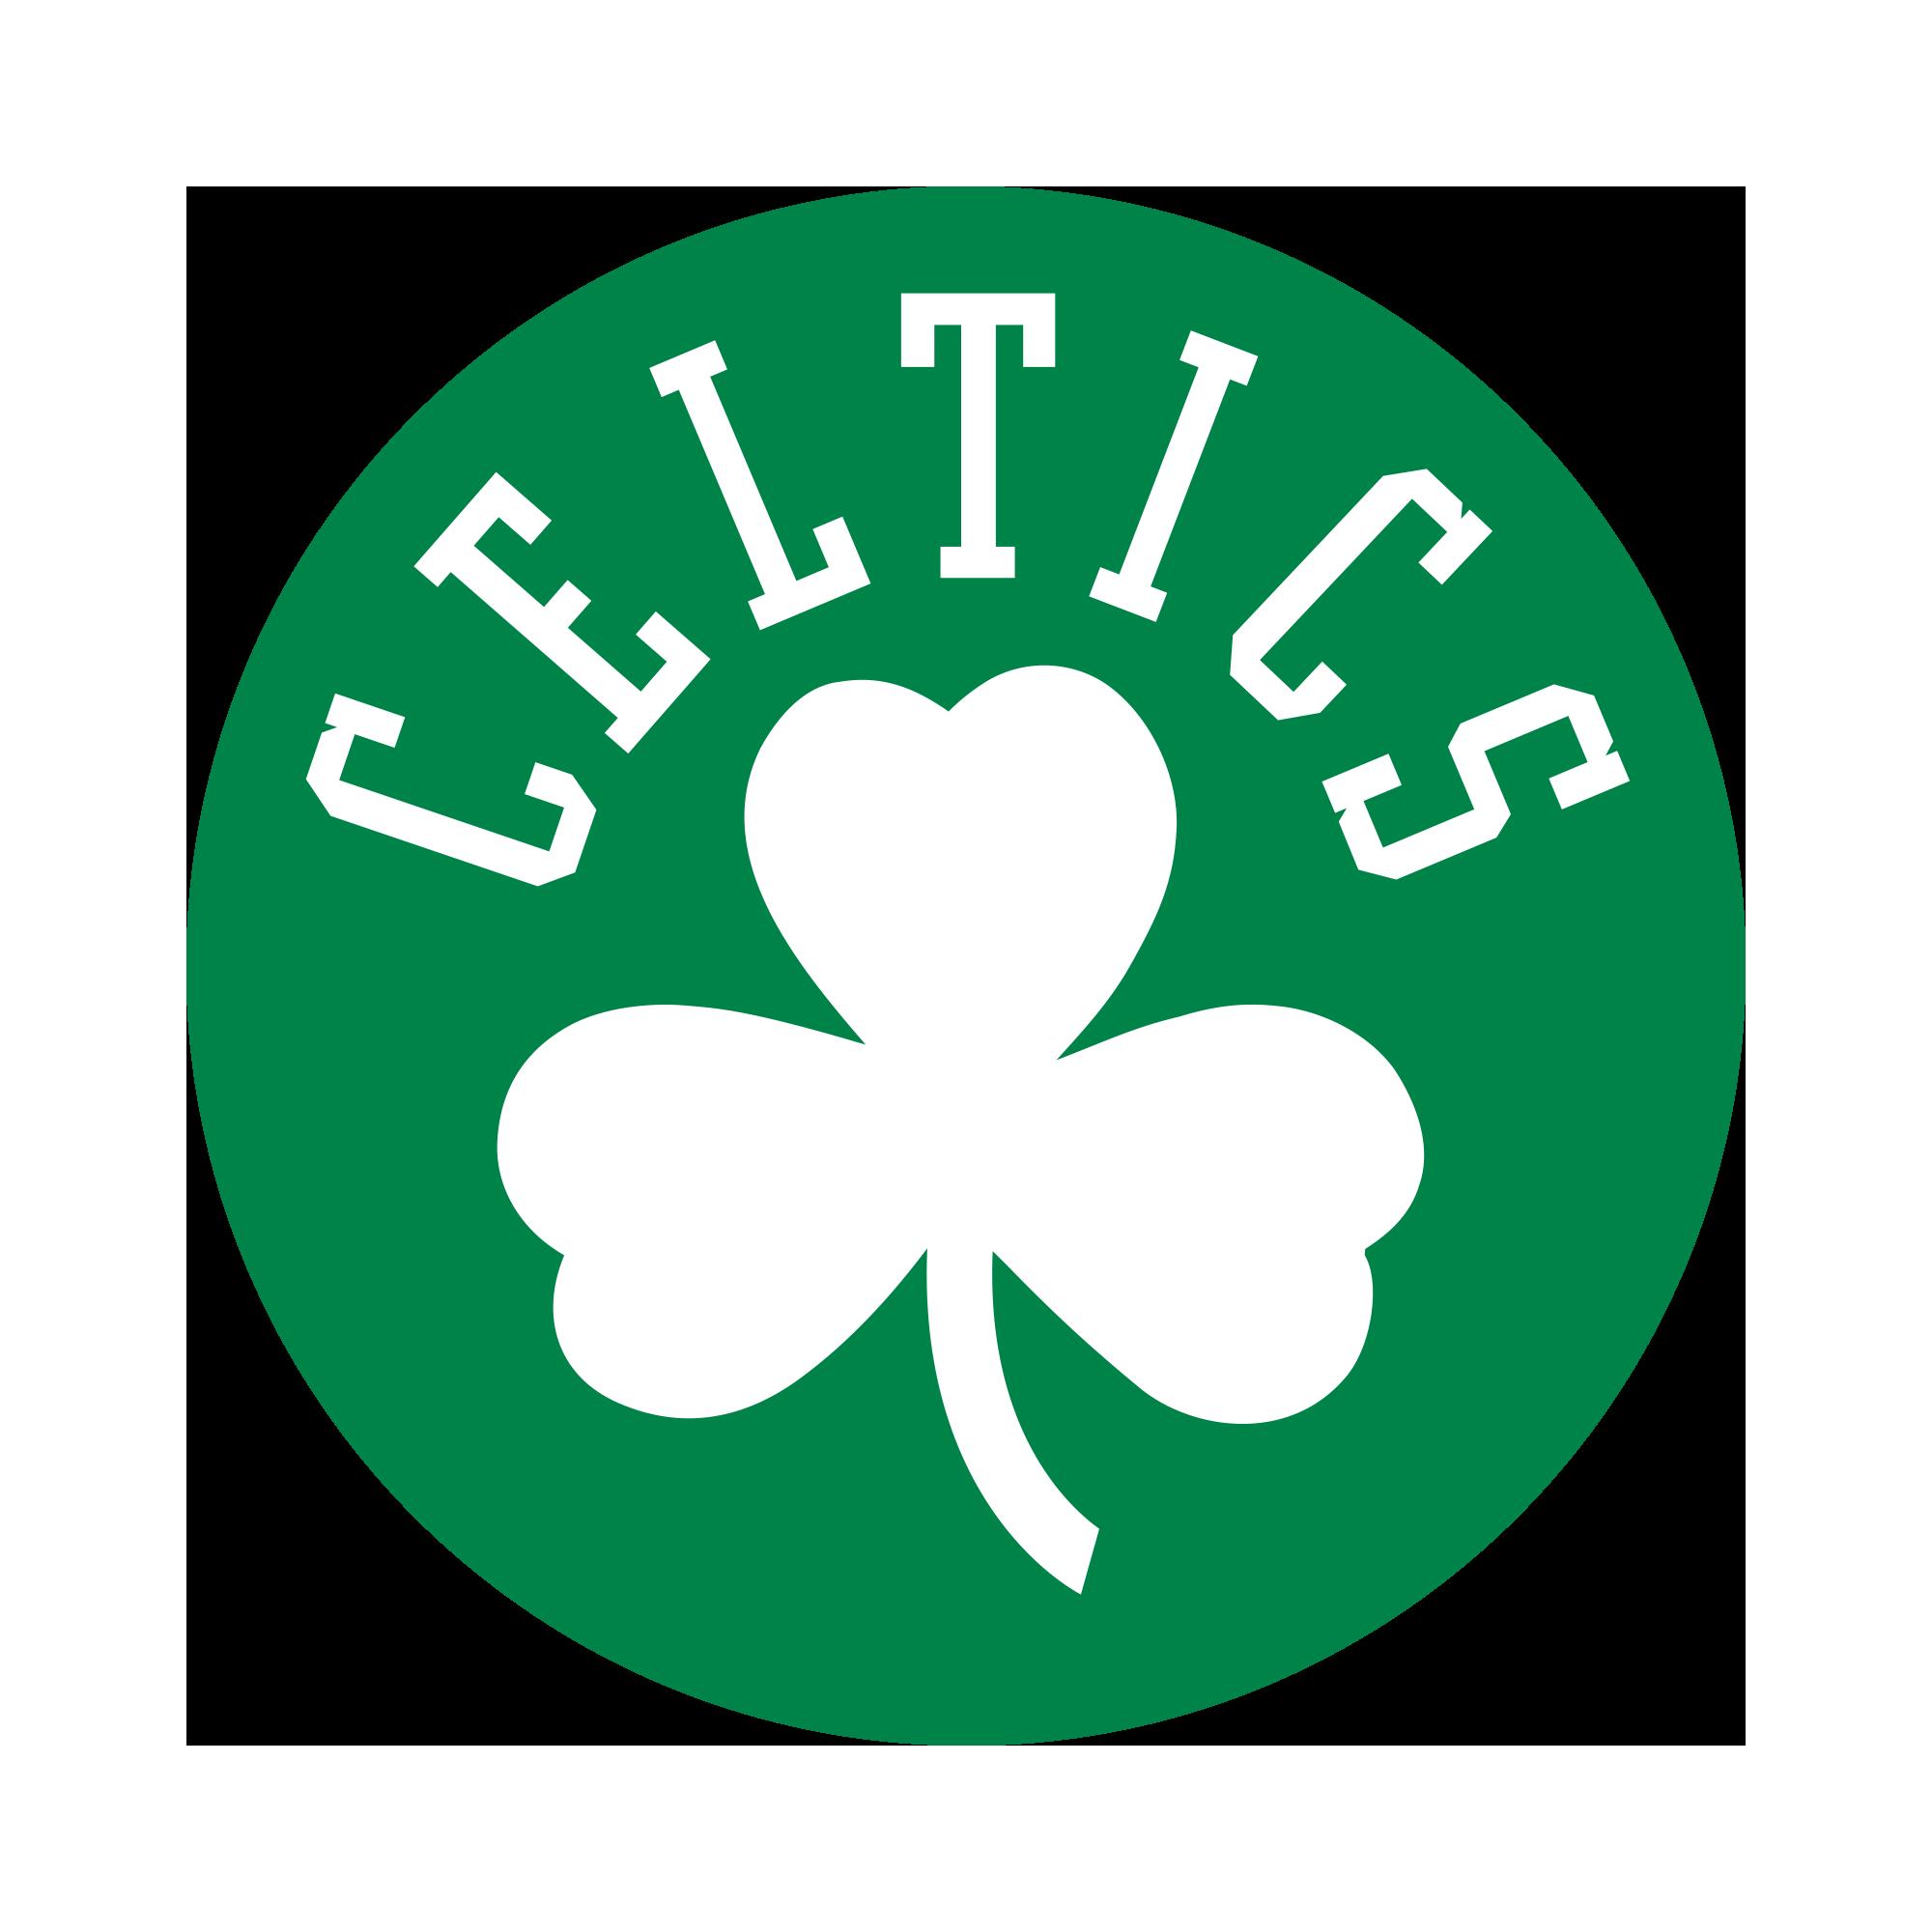 What Are The Panthers Score >> Boston Celtics Basketball News | TSN